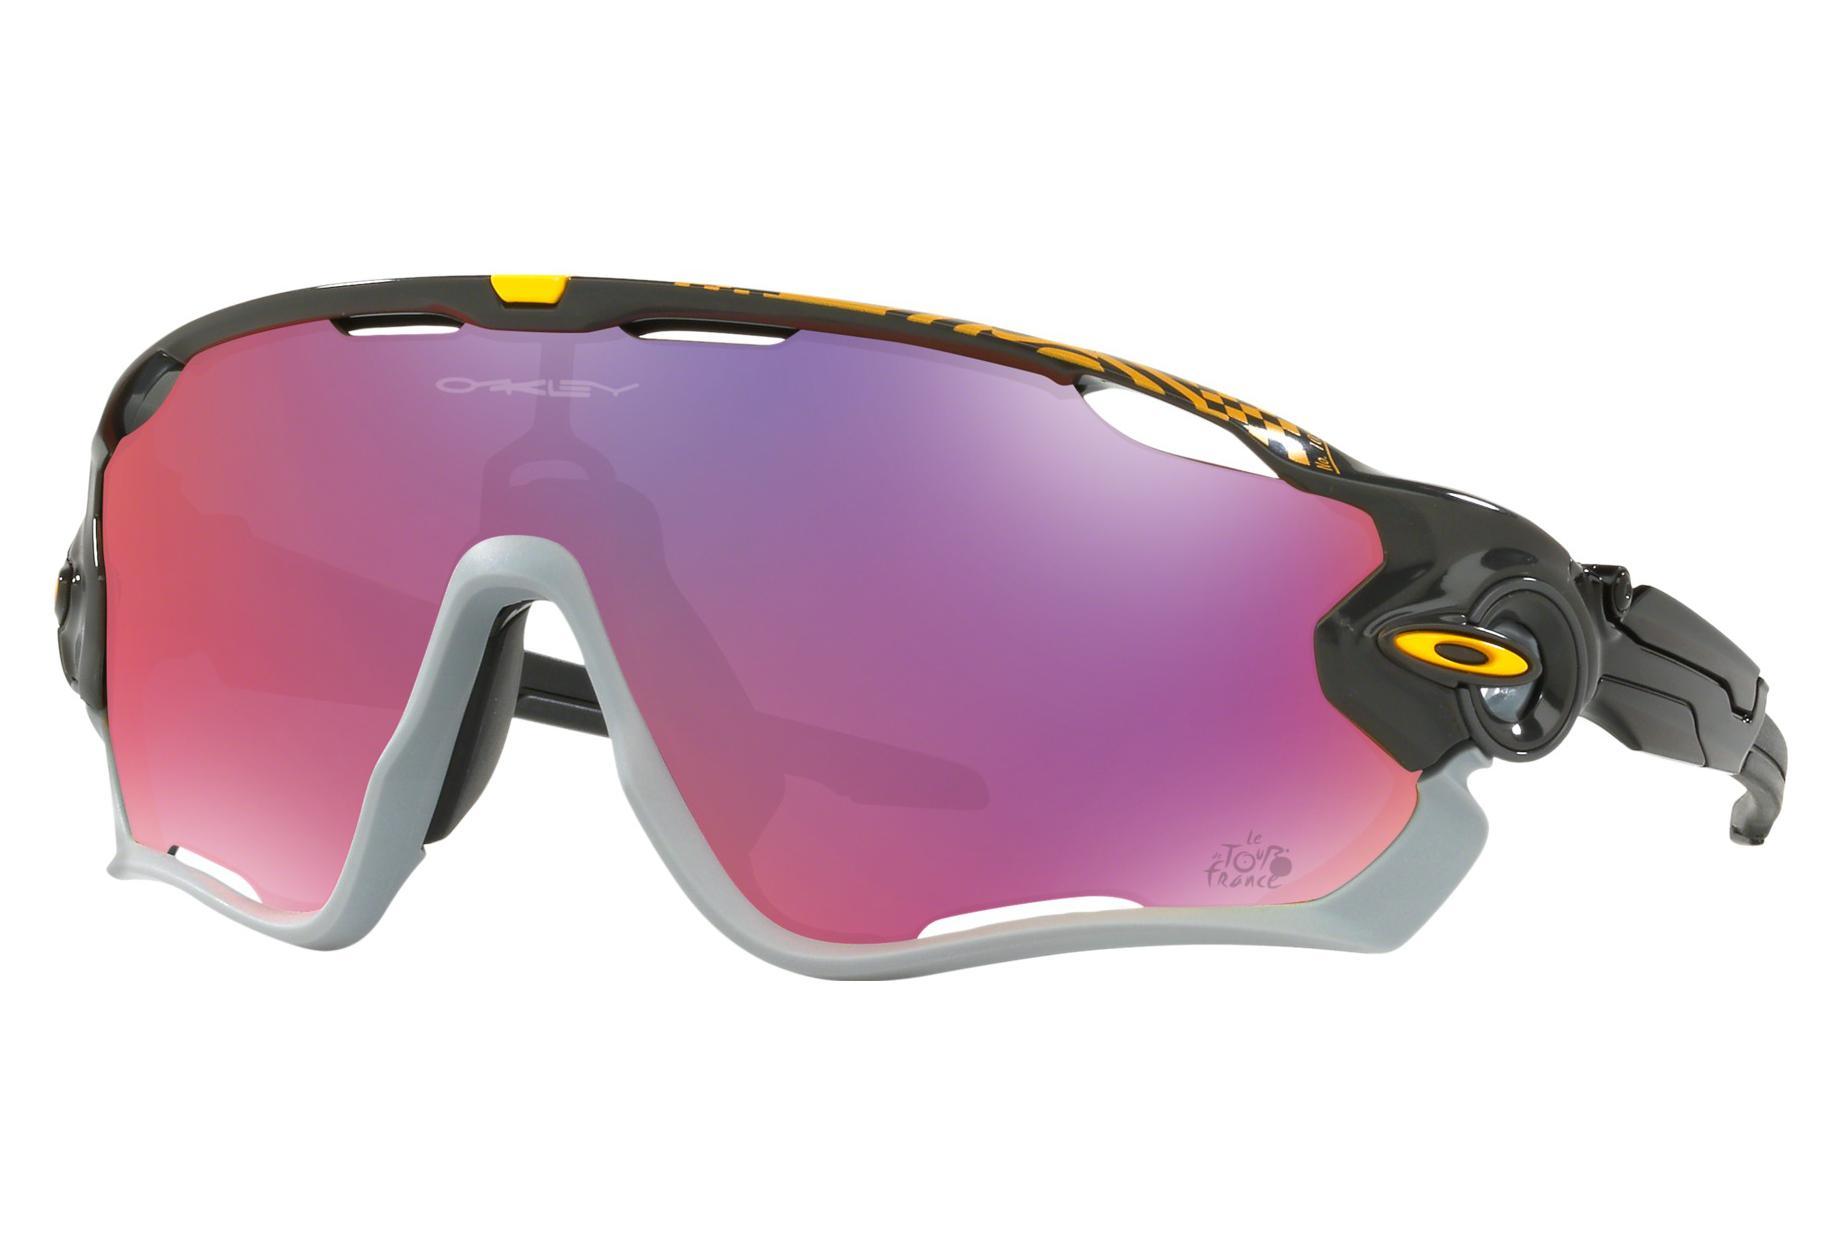 5b3660c44e Gafas Oakley Jawbreaker Tour de France 2018 white¤black red Prizm Road